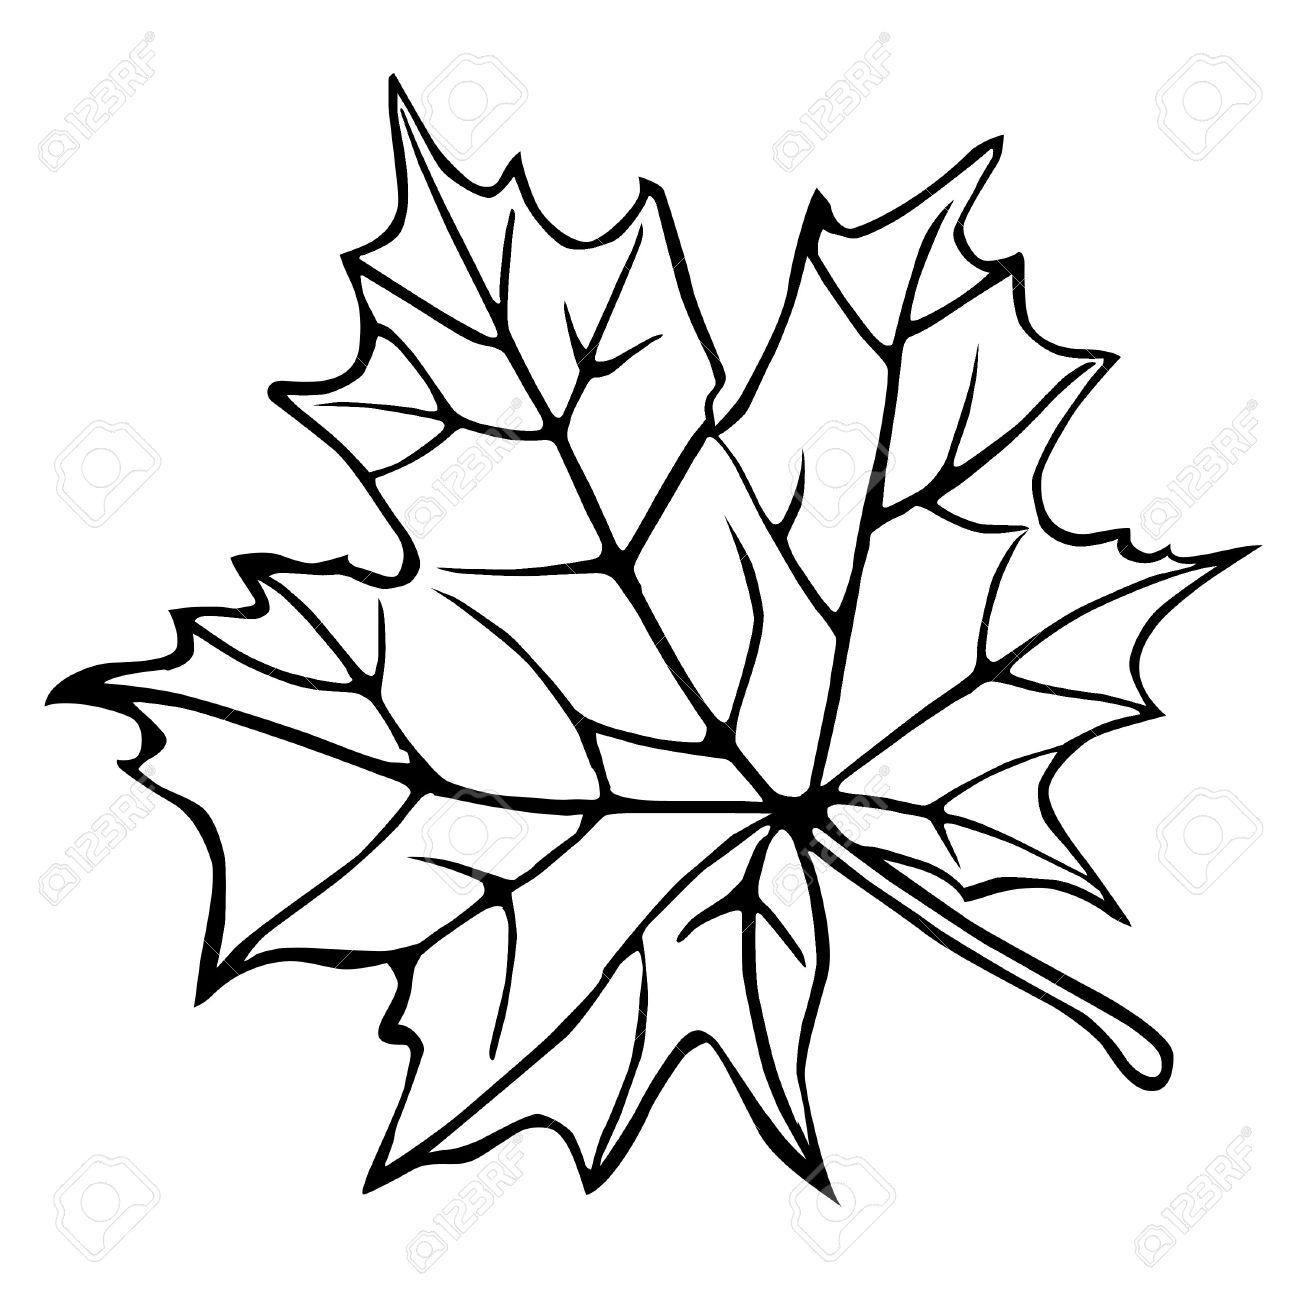 1300x1300 Drawn Maple Leaf Silhouette